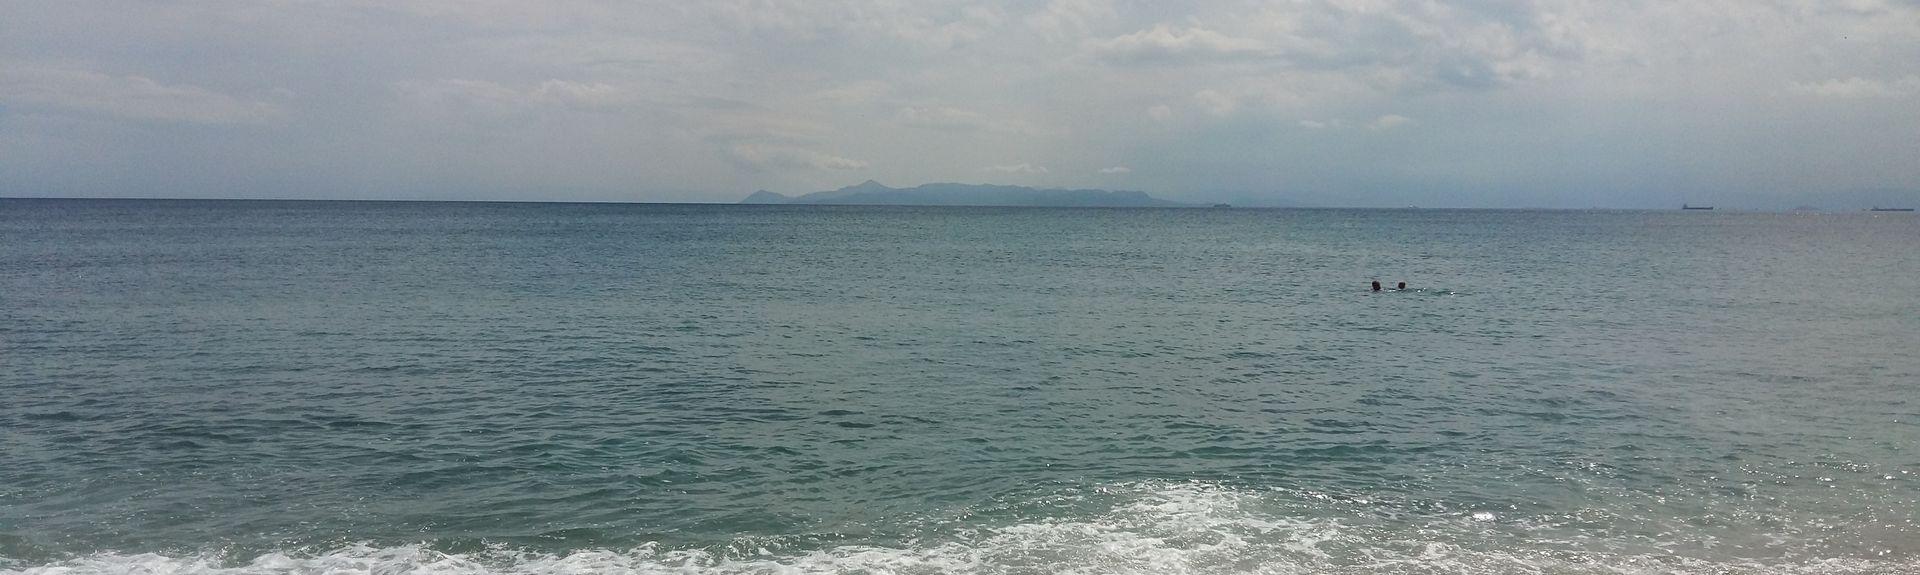 Vouliagméni, Attica, Hellas